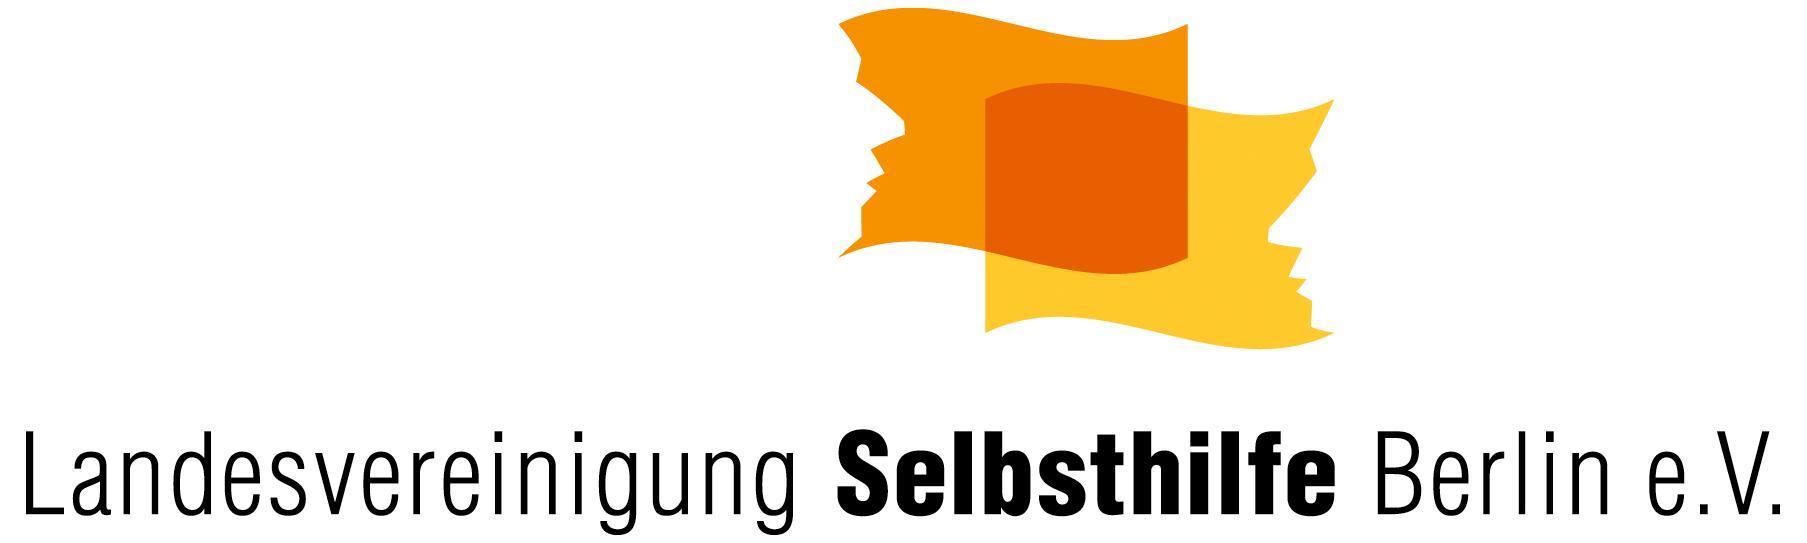 LV Selbsthilfe Berlin